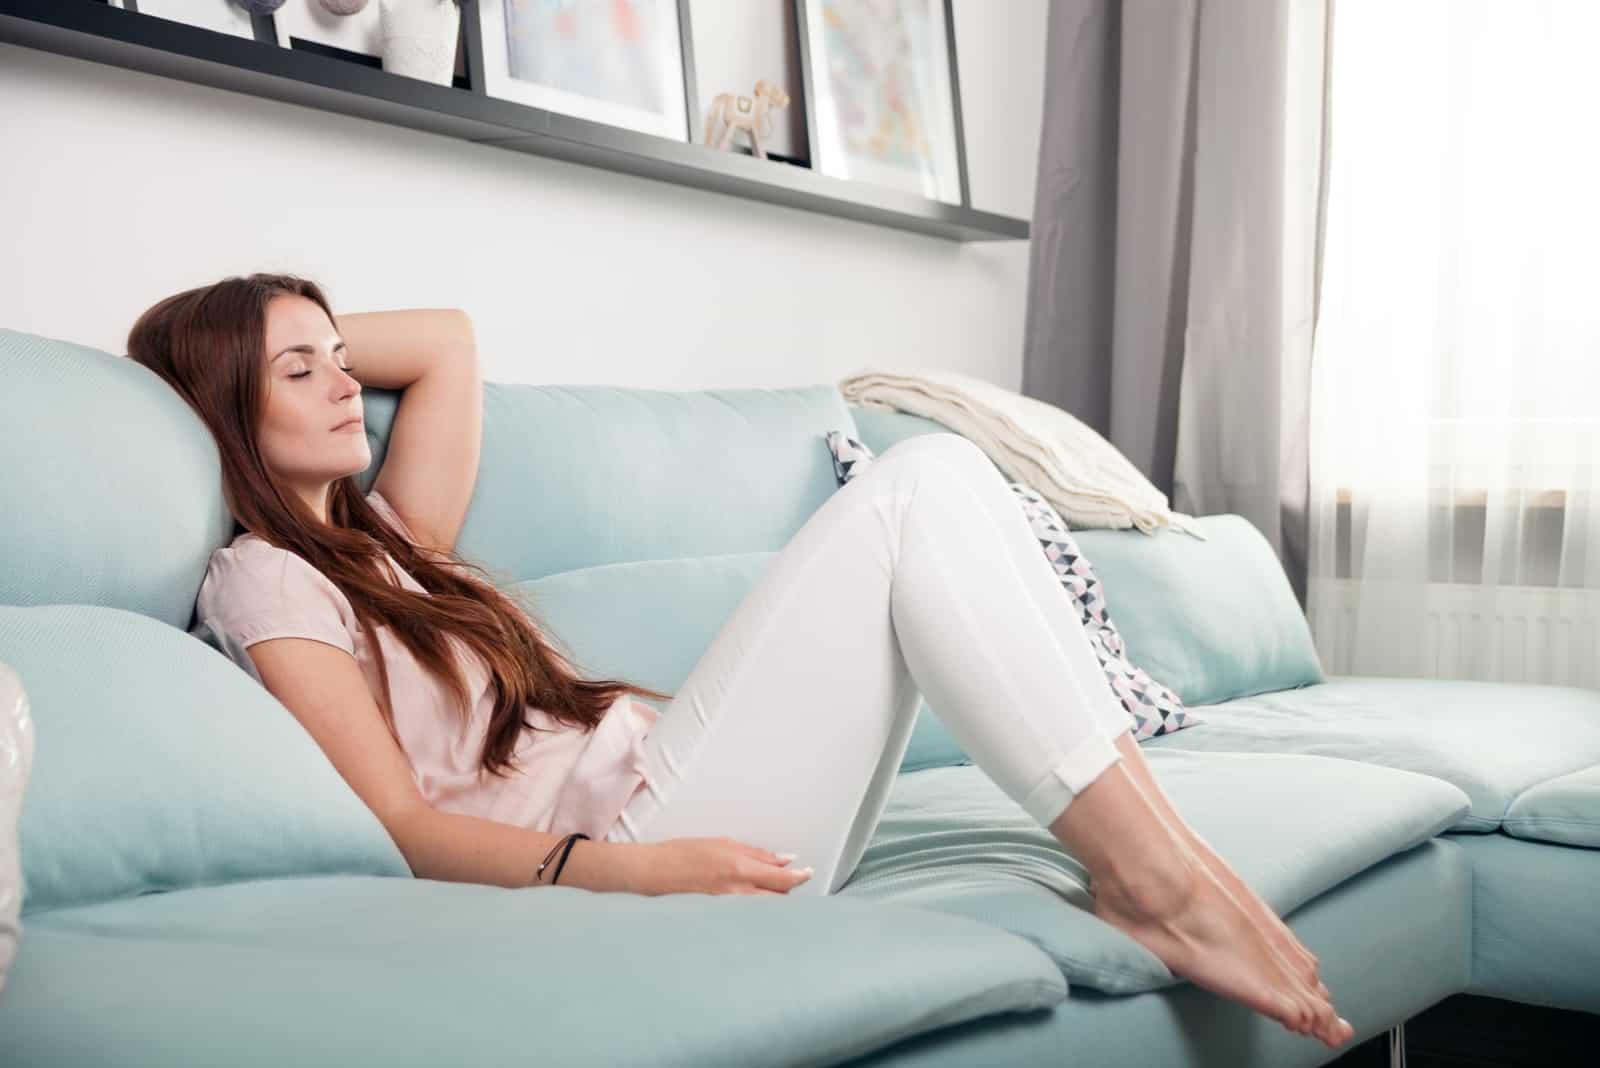 la femme est allongée sur le canapé